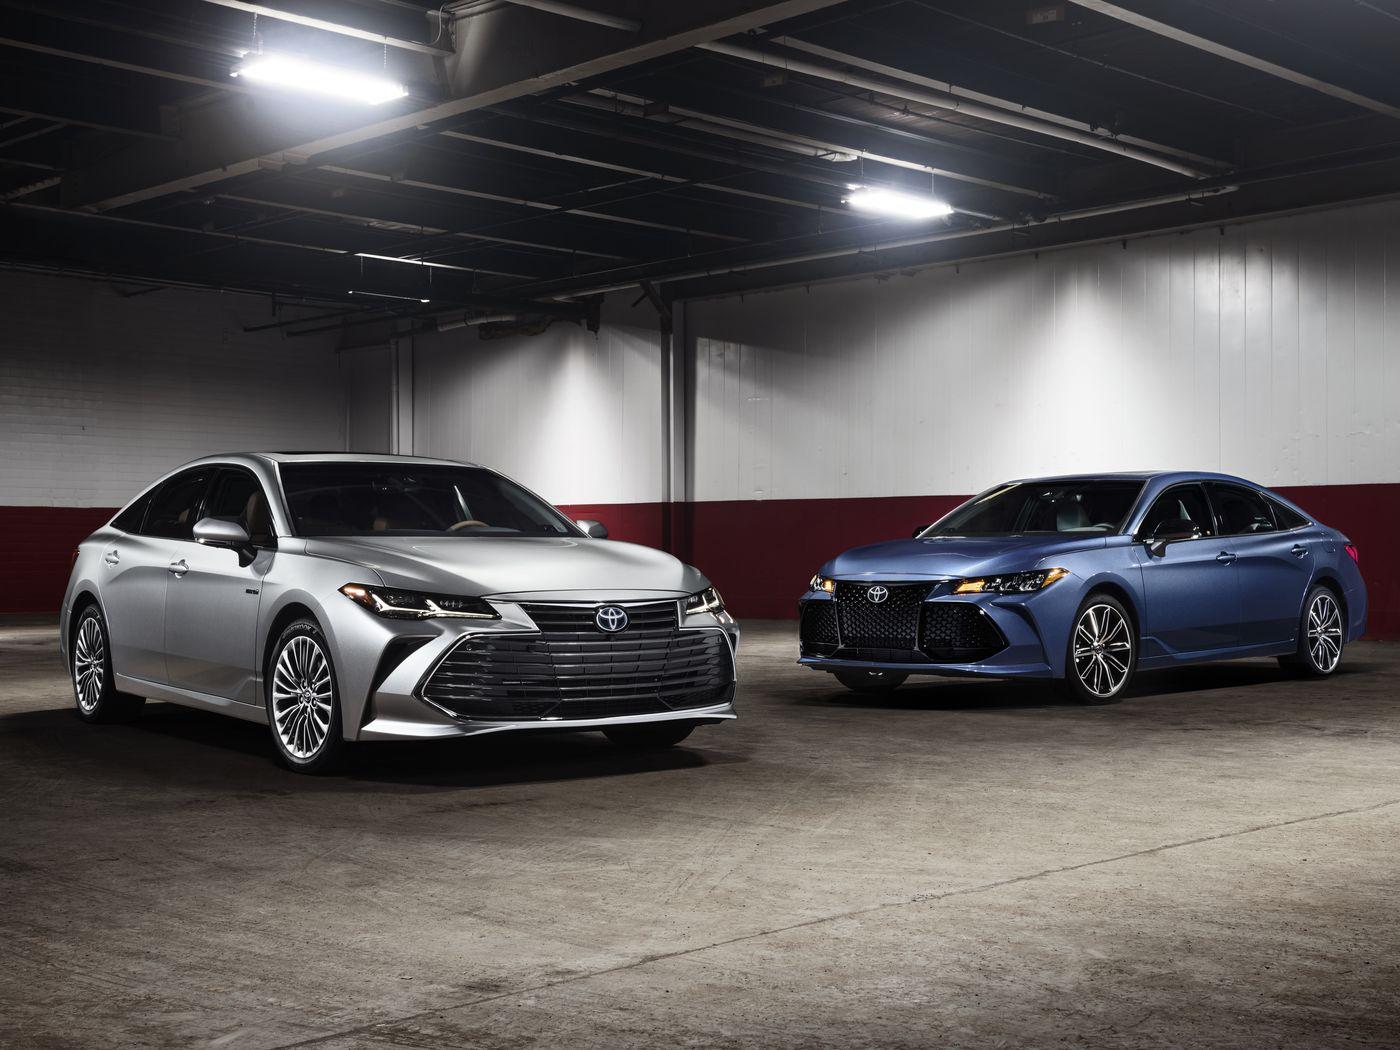 Kelebihan Kekurangan Toyota Lexus Tangguh